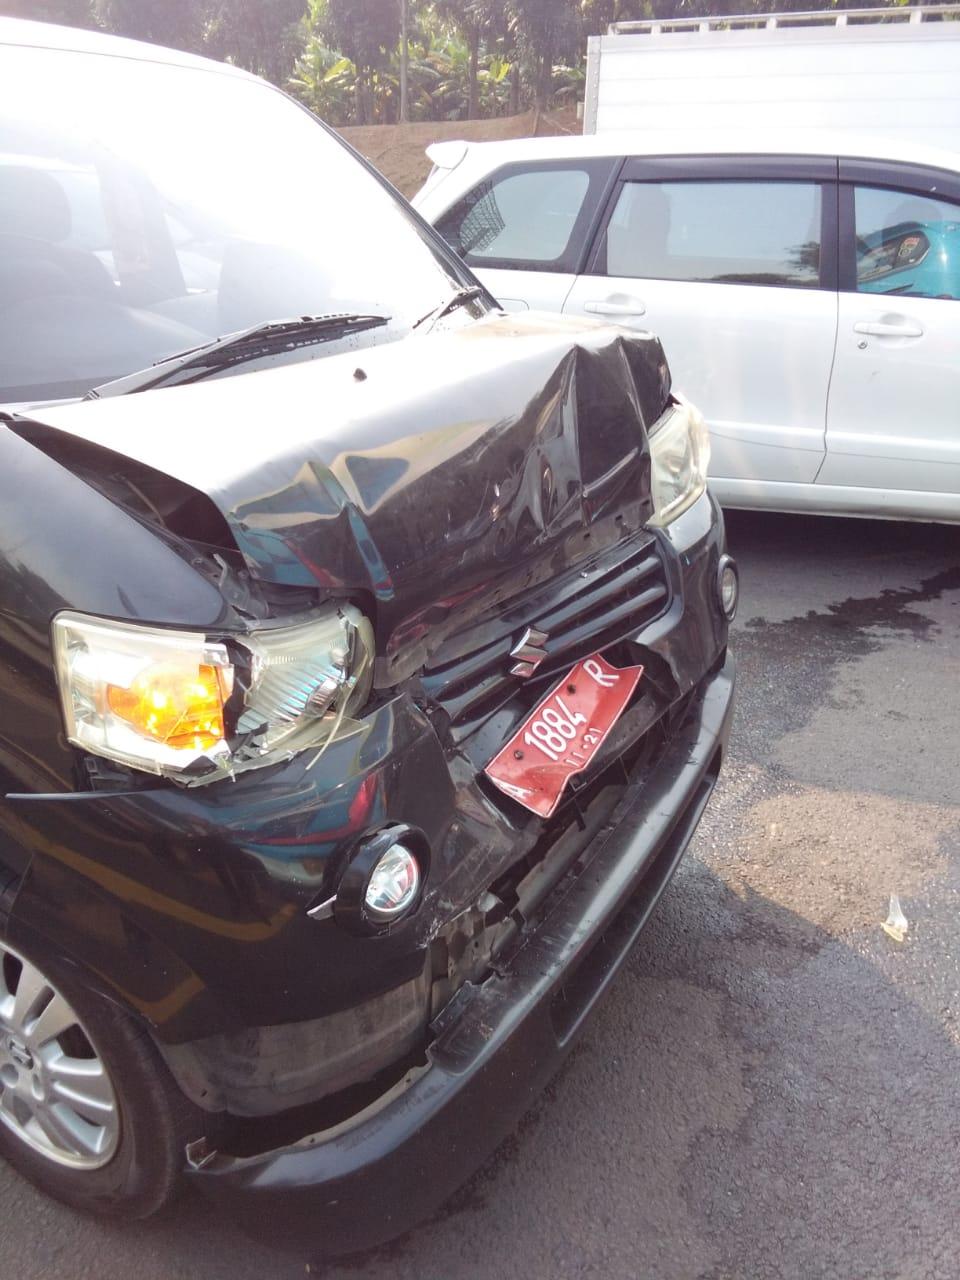 Tampak Bus yang ditumpangi Jemaah Haji asal Cilegon terlibat kecelakaan beruntun di tol Tangerang-Jakarta.